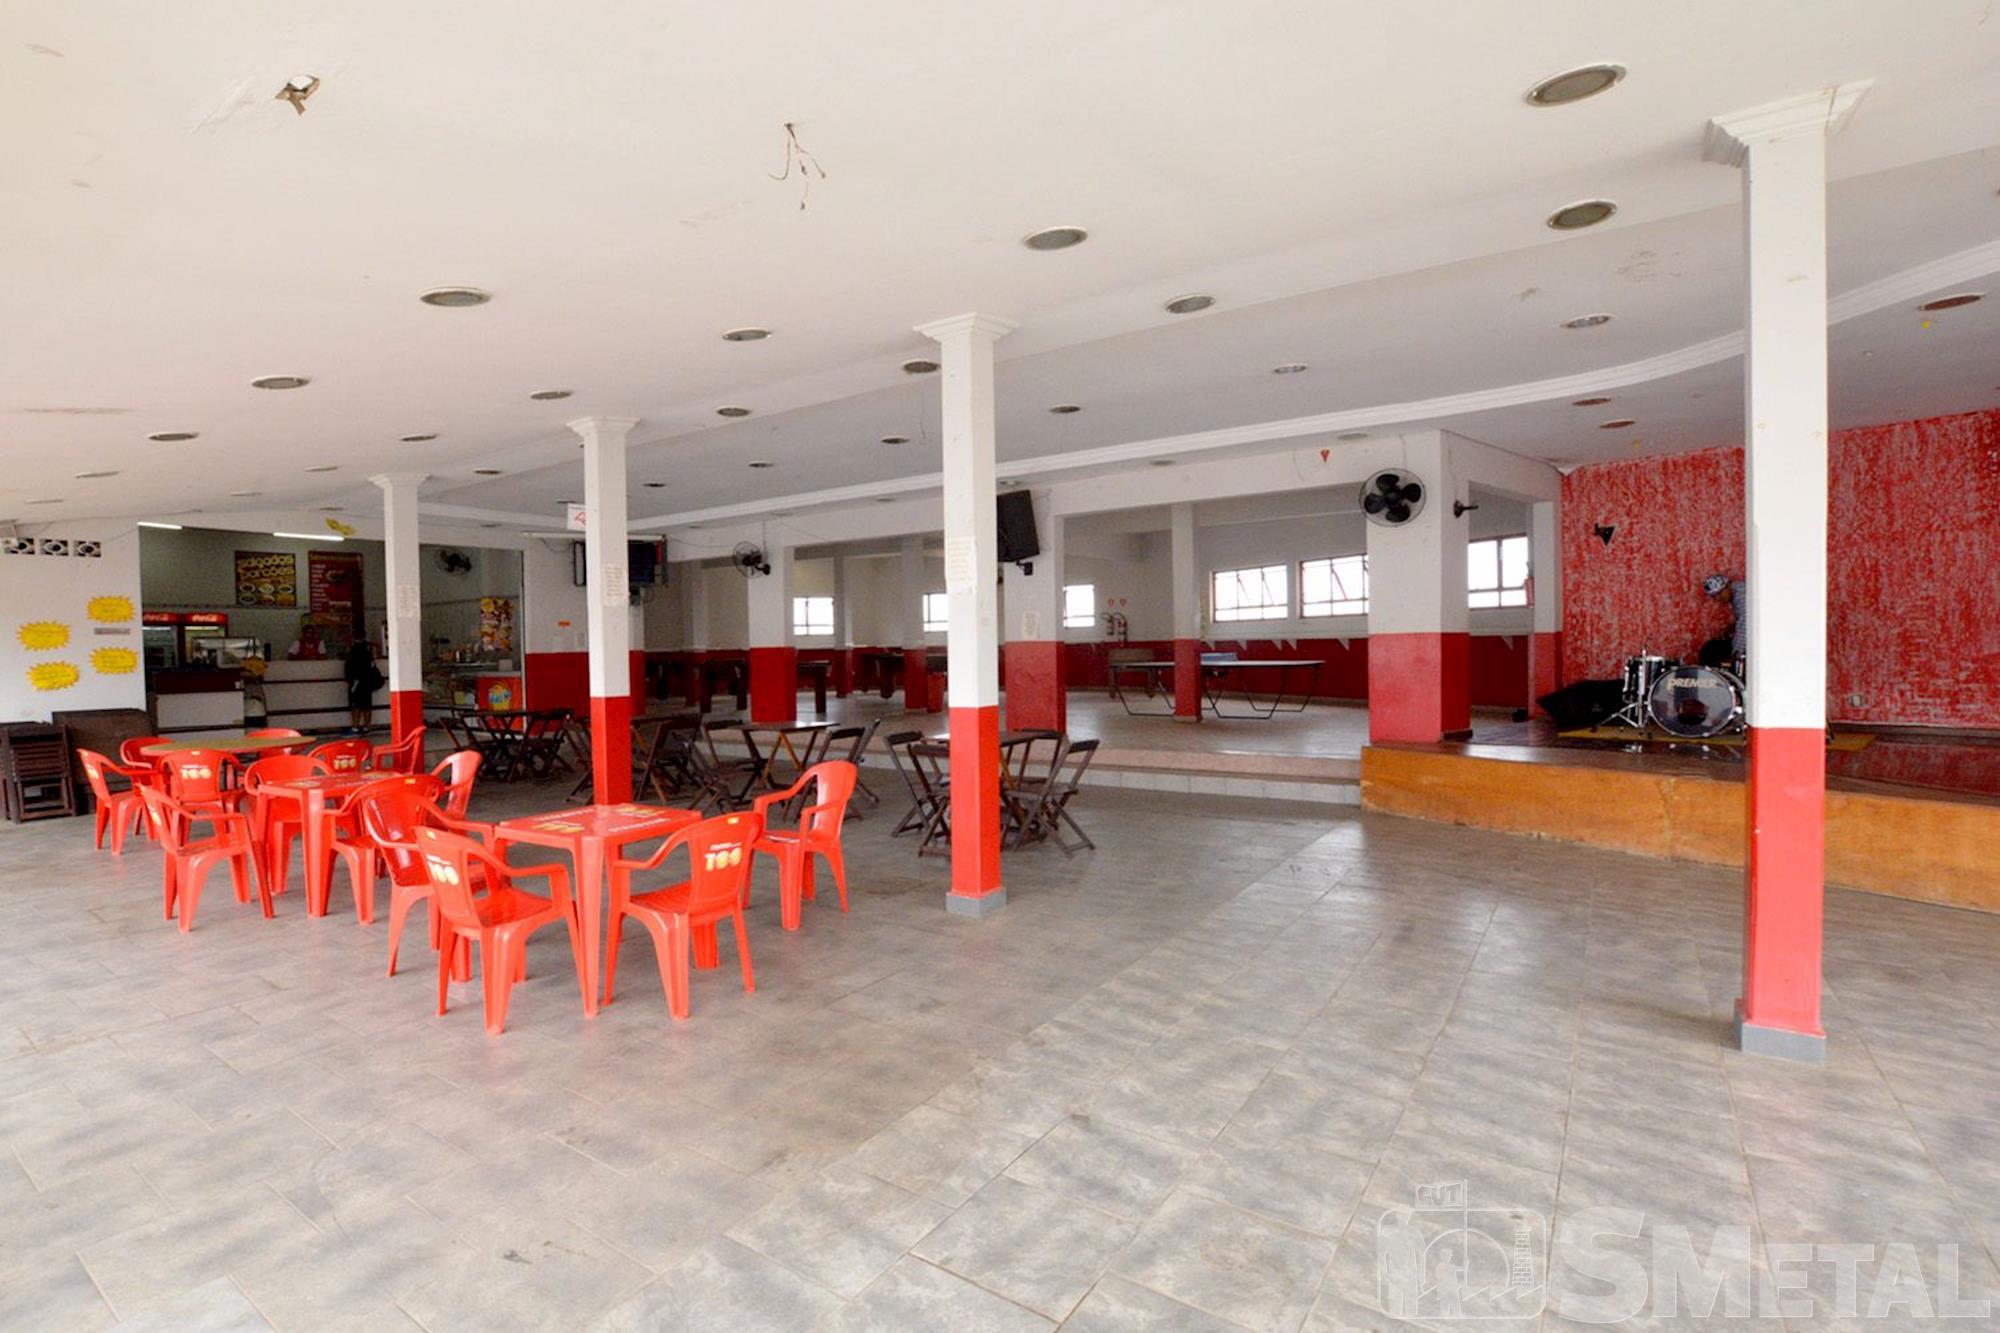 Lanchonete e salão de jogos, clube,  campo,  smetal, Foguinho/Imprensa SMetal